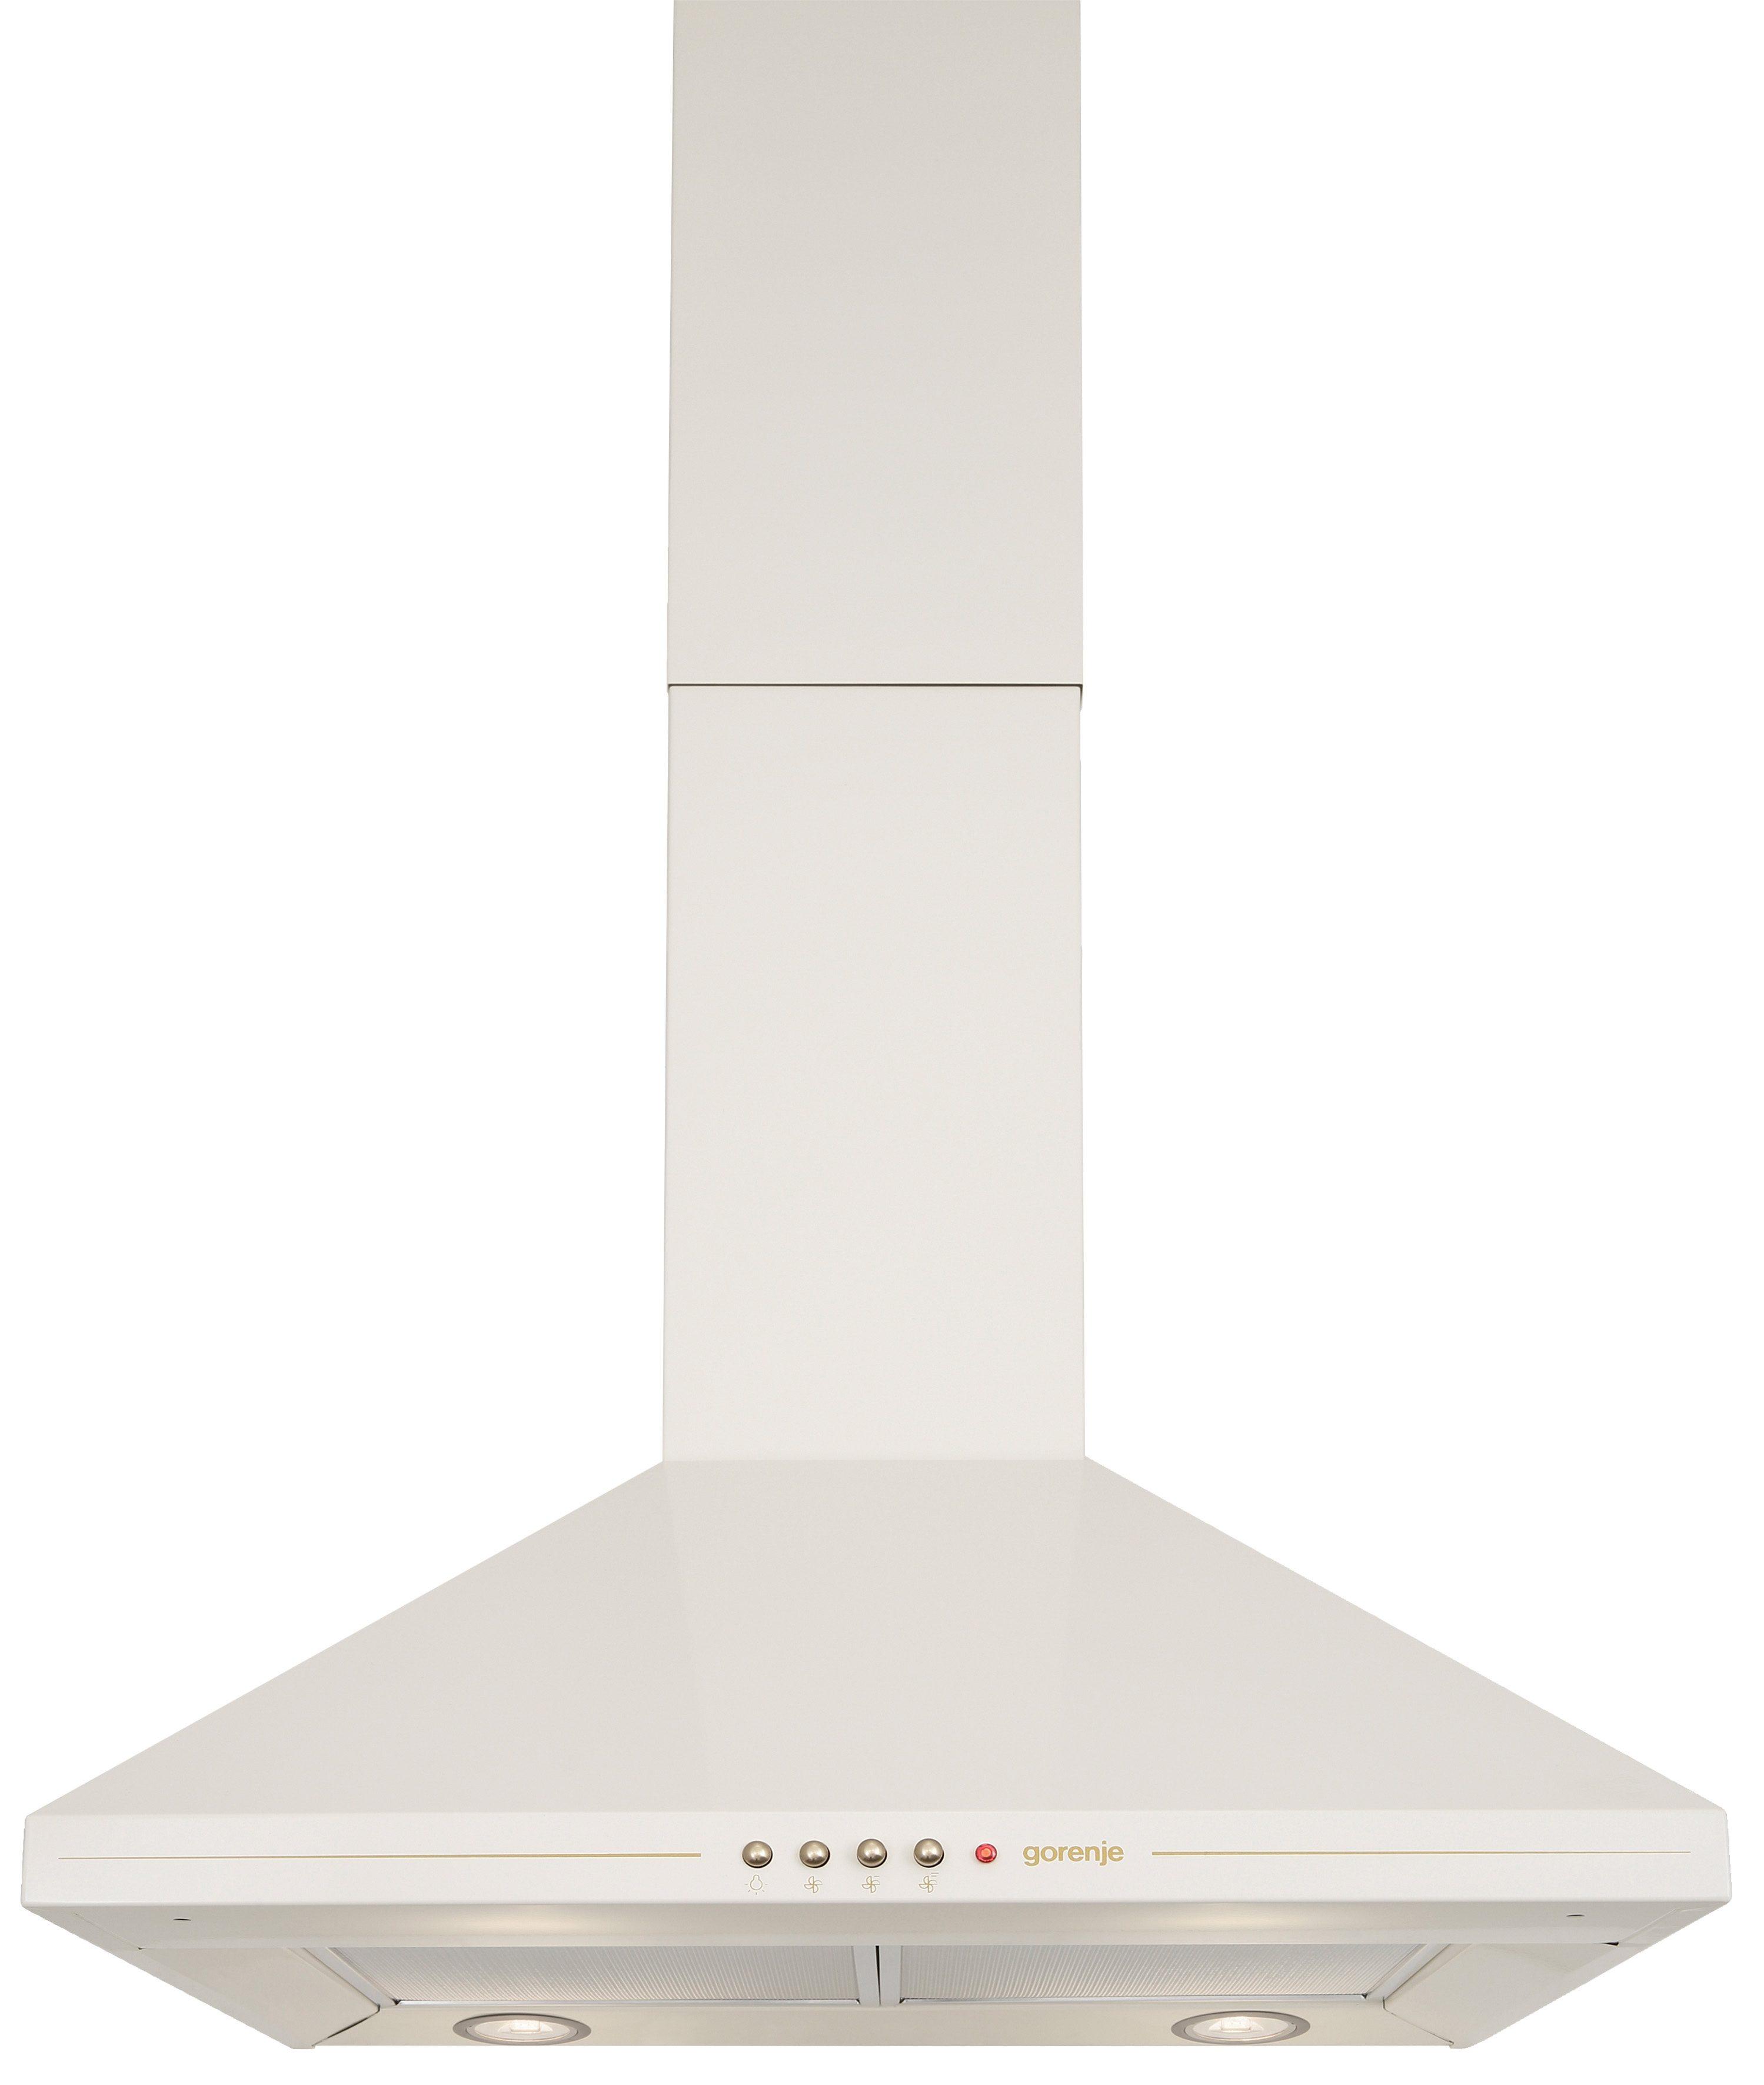 GORENJE Wandhaube DK63CLI EEK D beige Wandhauben Dunstabzugshauben Haushaltsgeräte Dunstabzugshaube